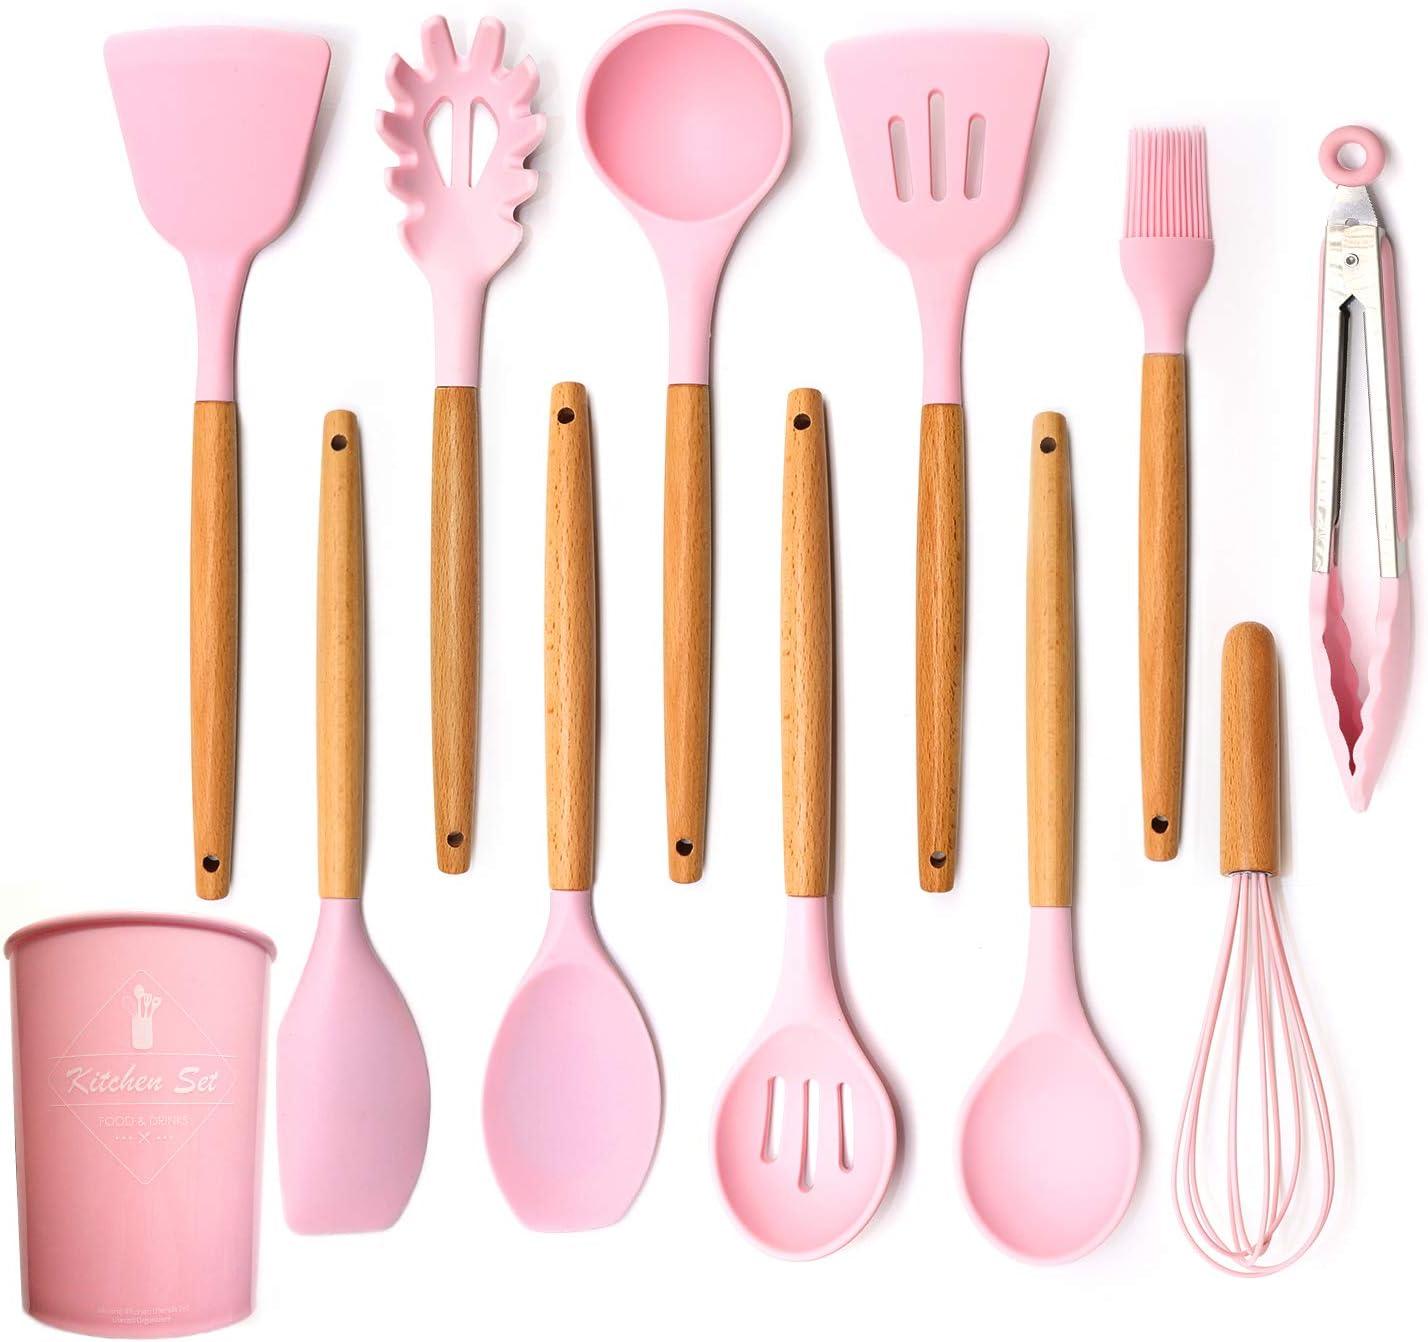 Set utensileria da cucina in silicone rosa - I 7 migliori utensili da cucina su Amazon - SaluteCosmetica